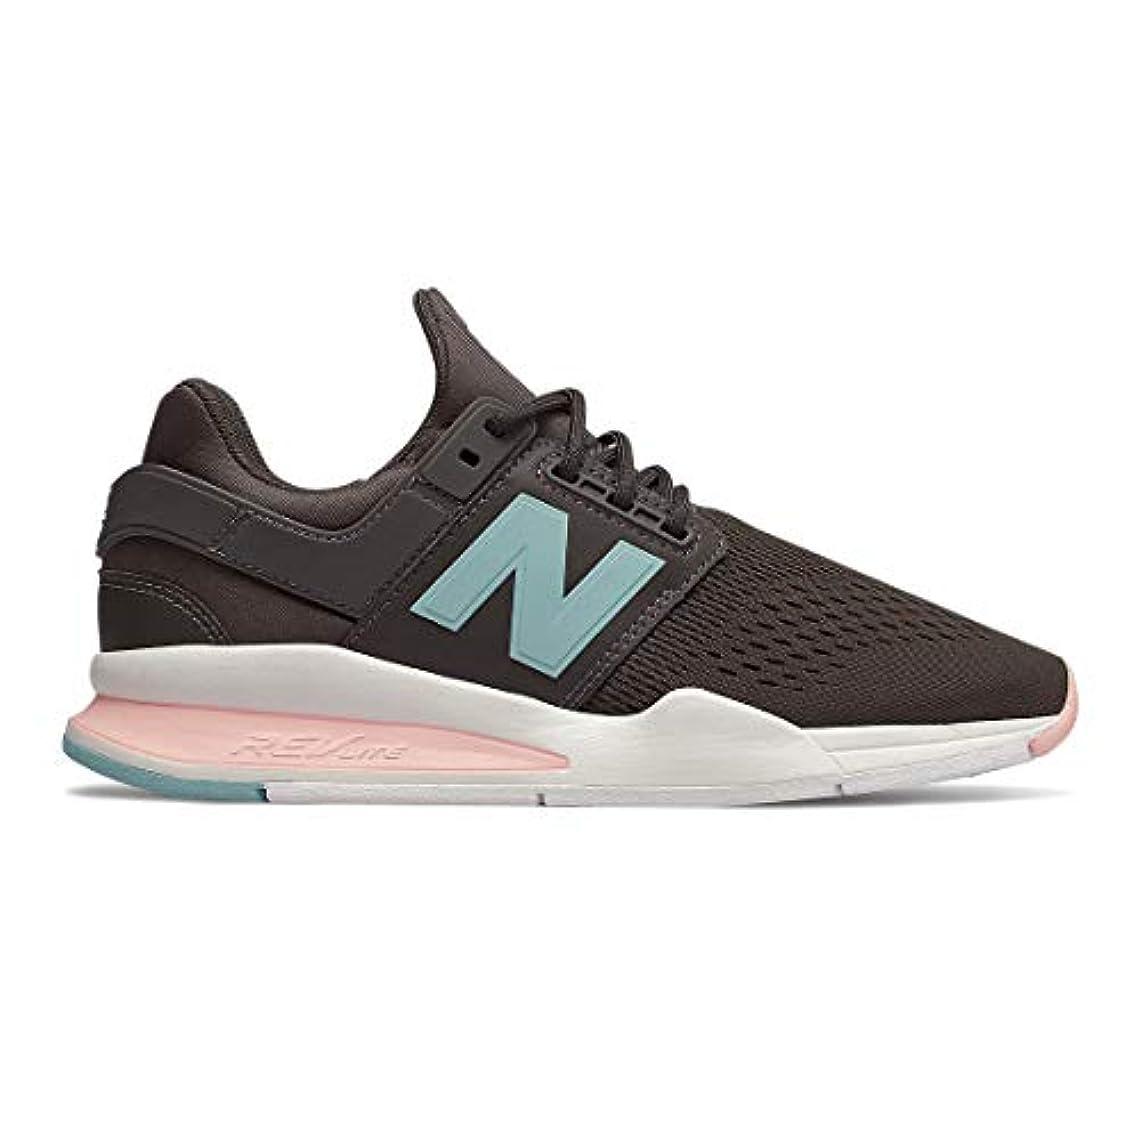 良心騙す有名人New Balance Classics(ニューバランス クラシック) レディース 女性用 シューズ 靴 スニーカー 運動靴 WS247v2 - Americano/Himalayan Pink [並行輸入品]